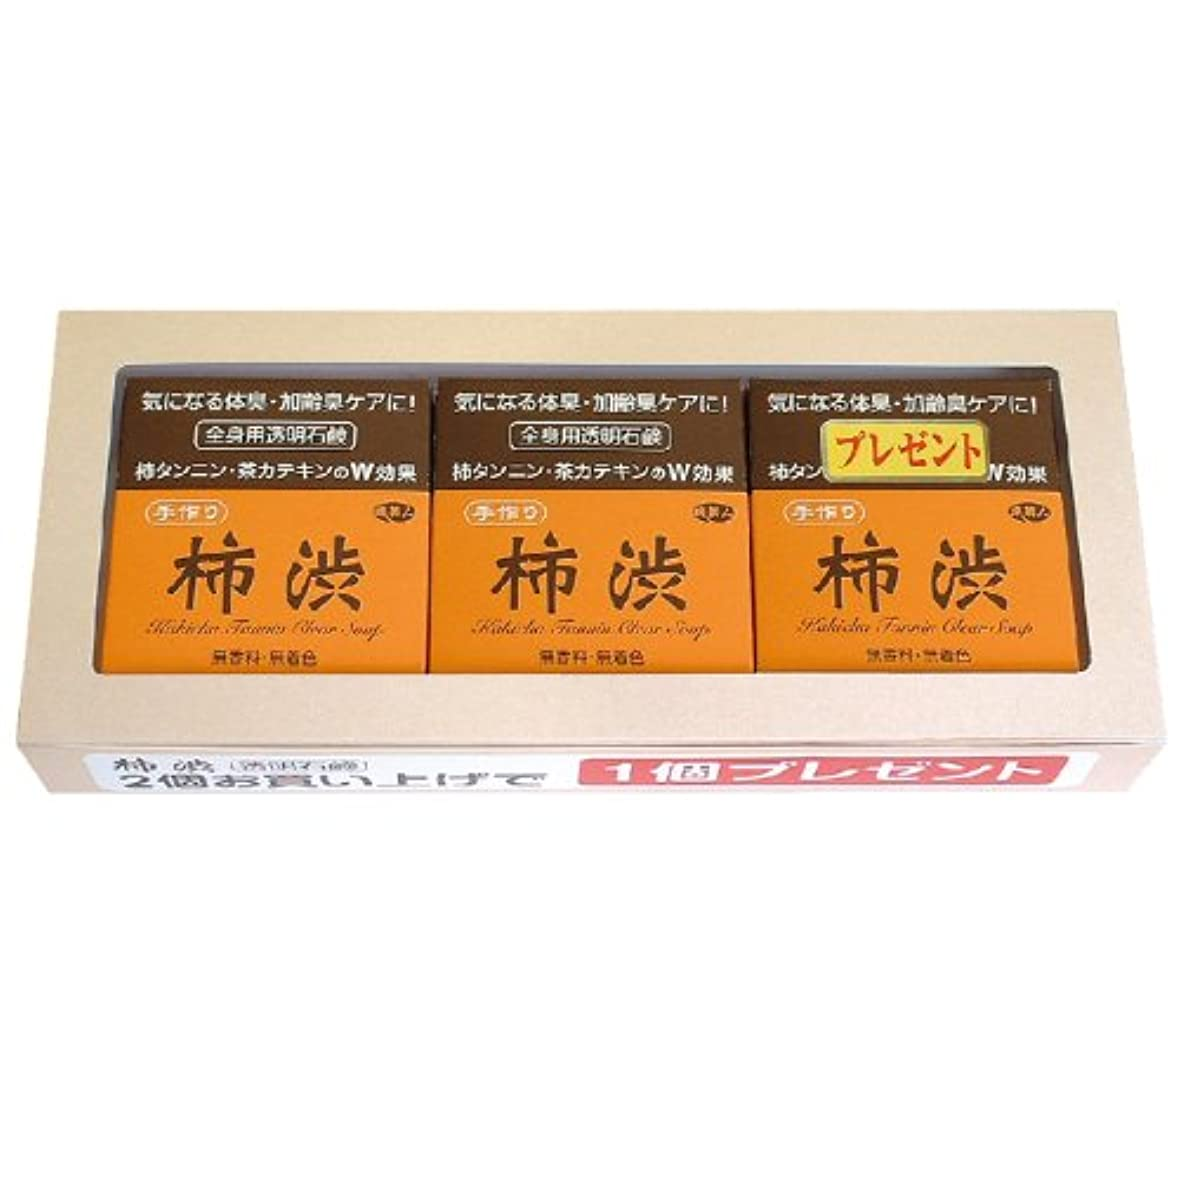 雄弁な宗教的な脱臼するアズマ商事の 柿渋透明石鹸 2個の値段で3個入りセット